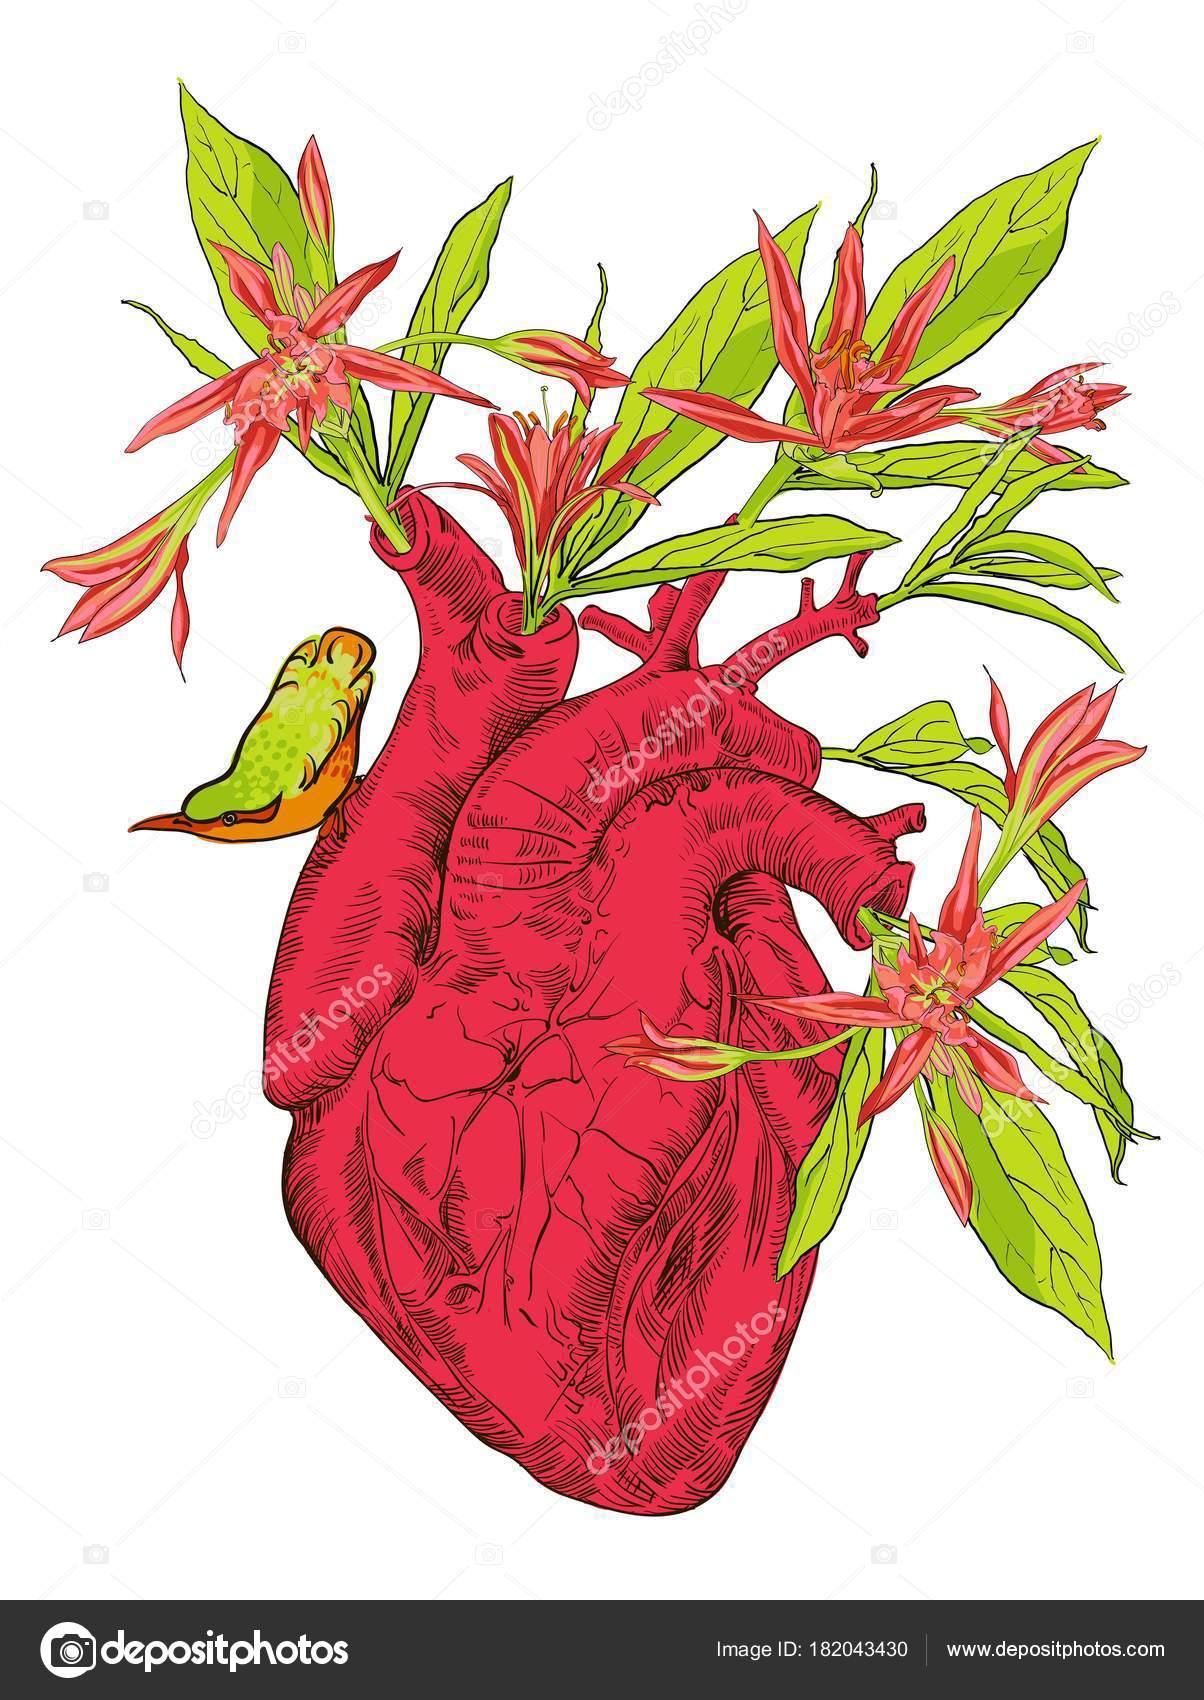 Coeur Humain Avec Des Fleurs Image Vectorielle Mamziolzi C 182043430